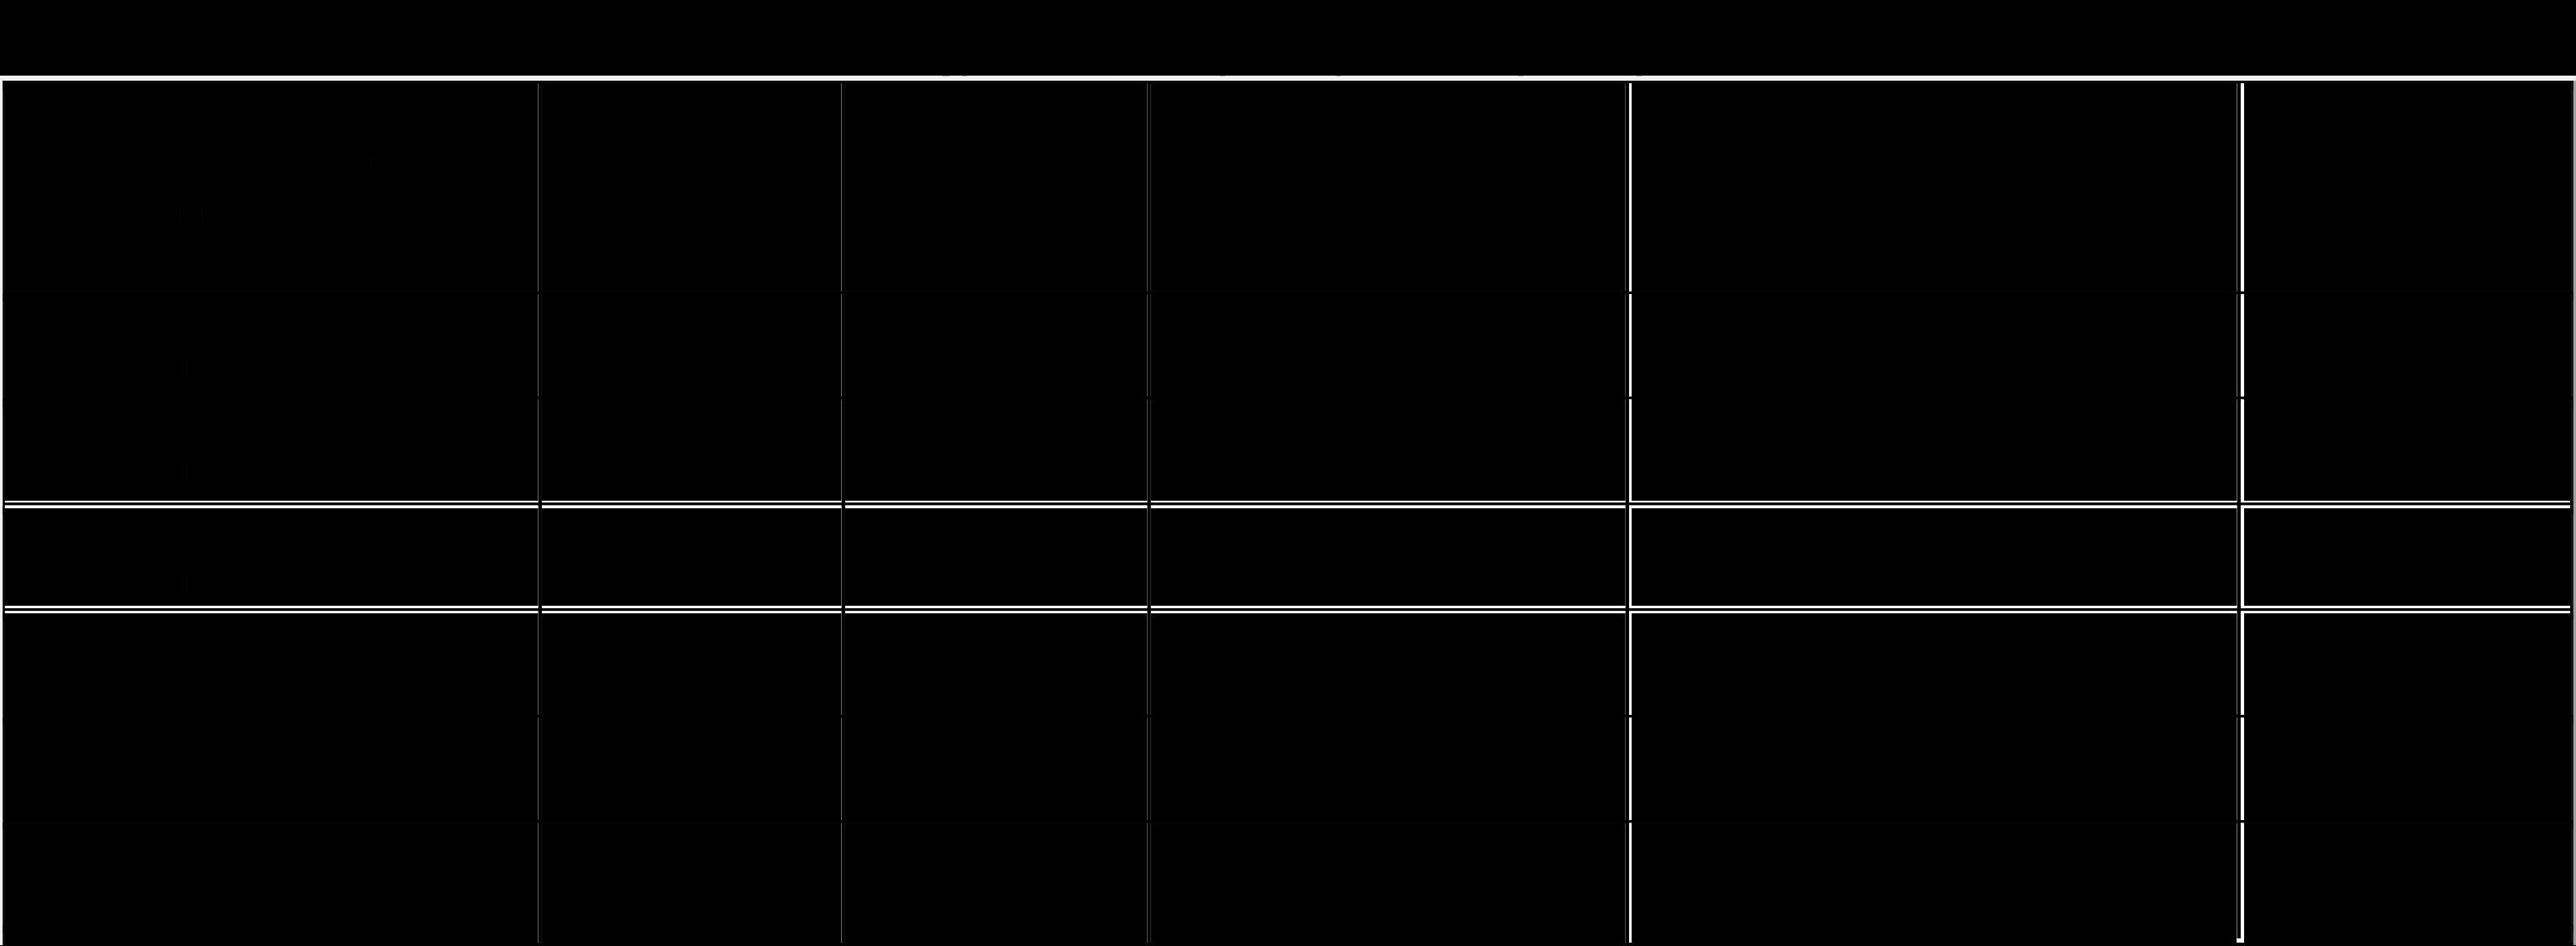 3 1 Фильтры напорные и самотечные (ФОВ, ФИП, ФСУ)